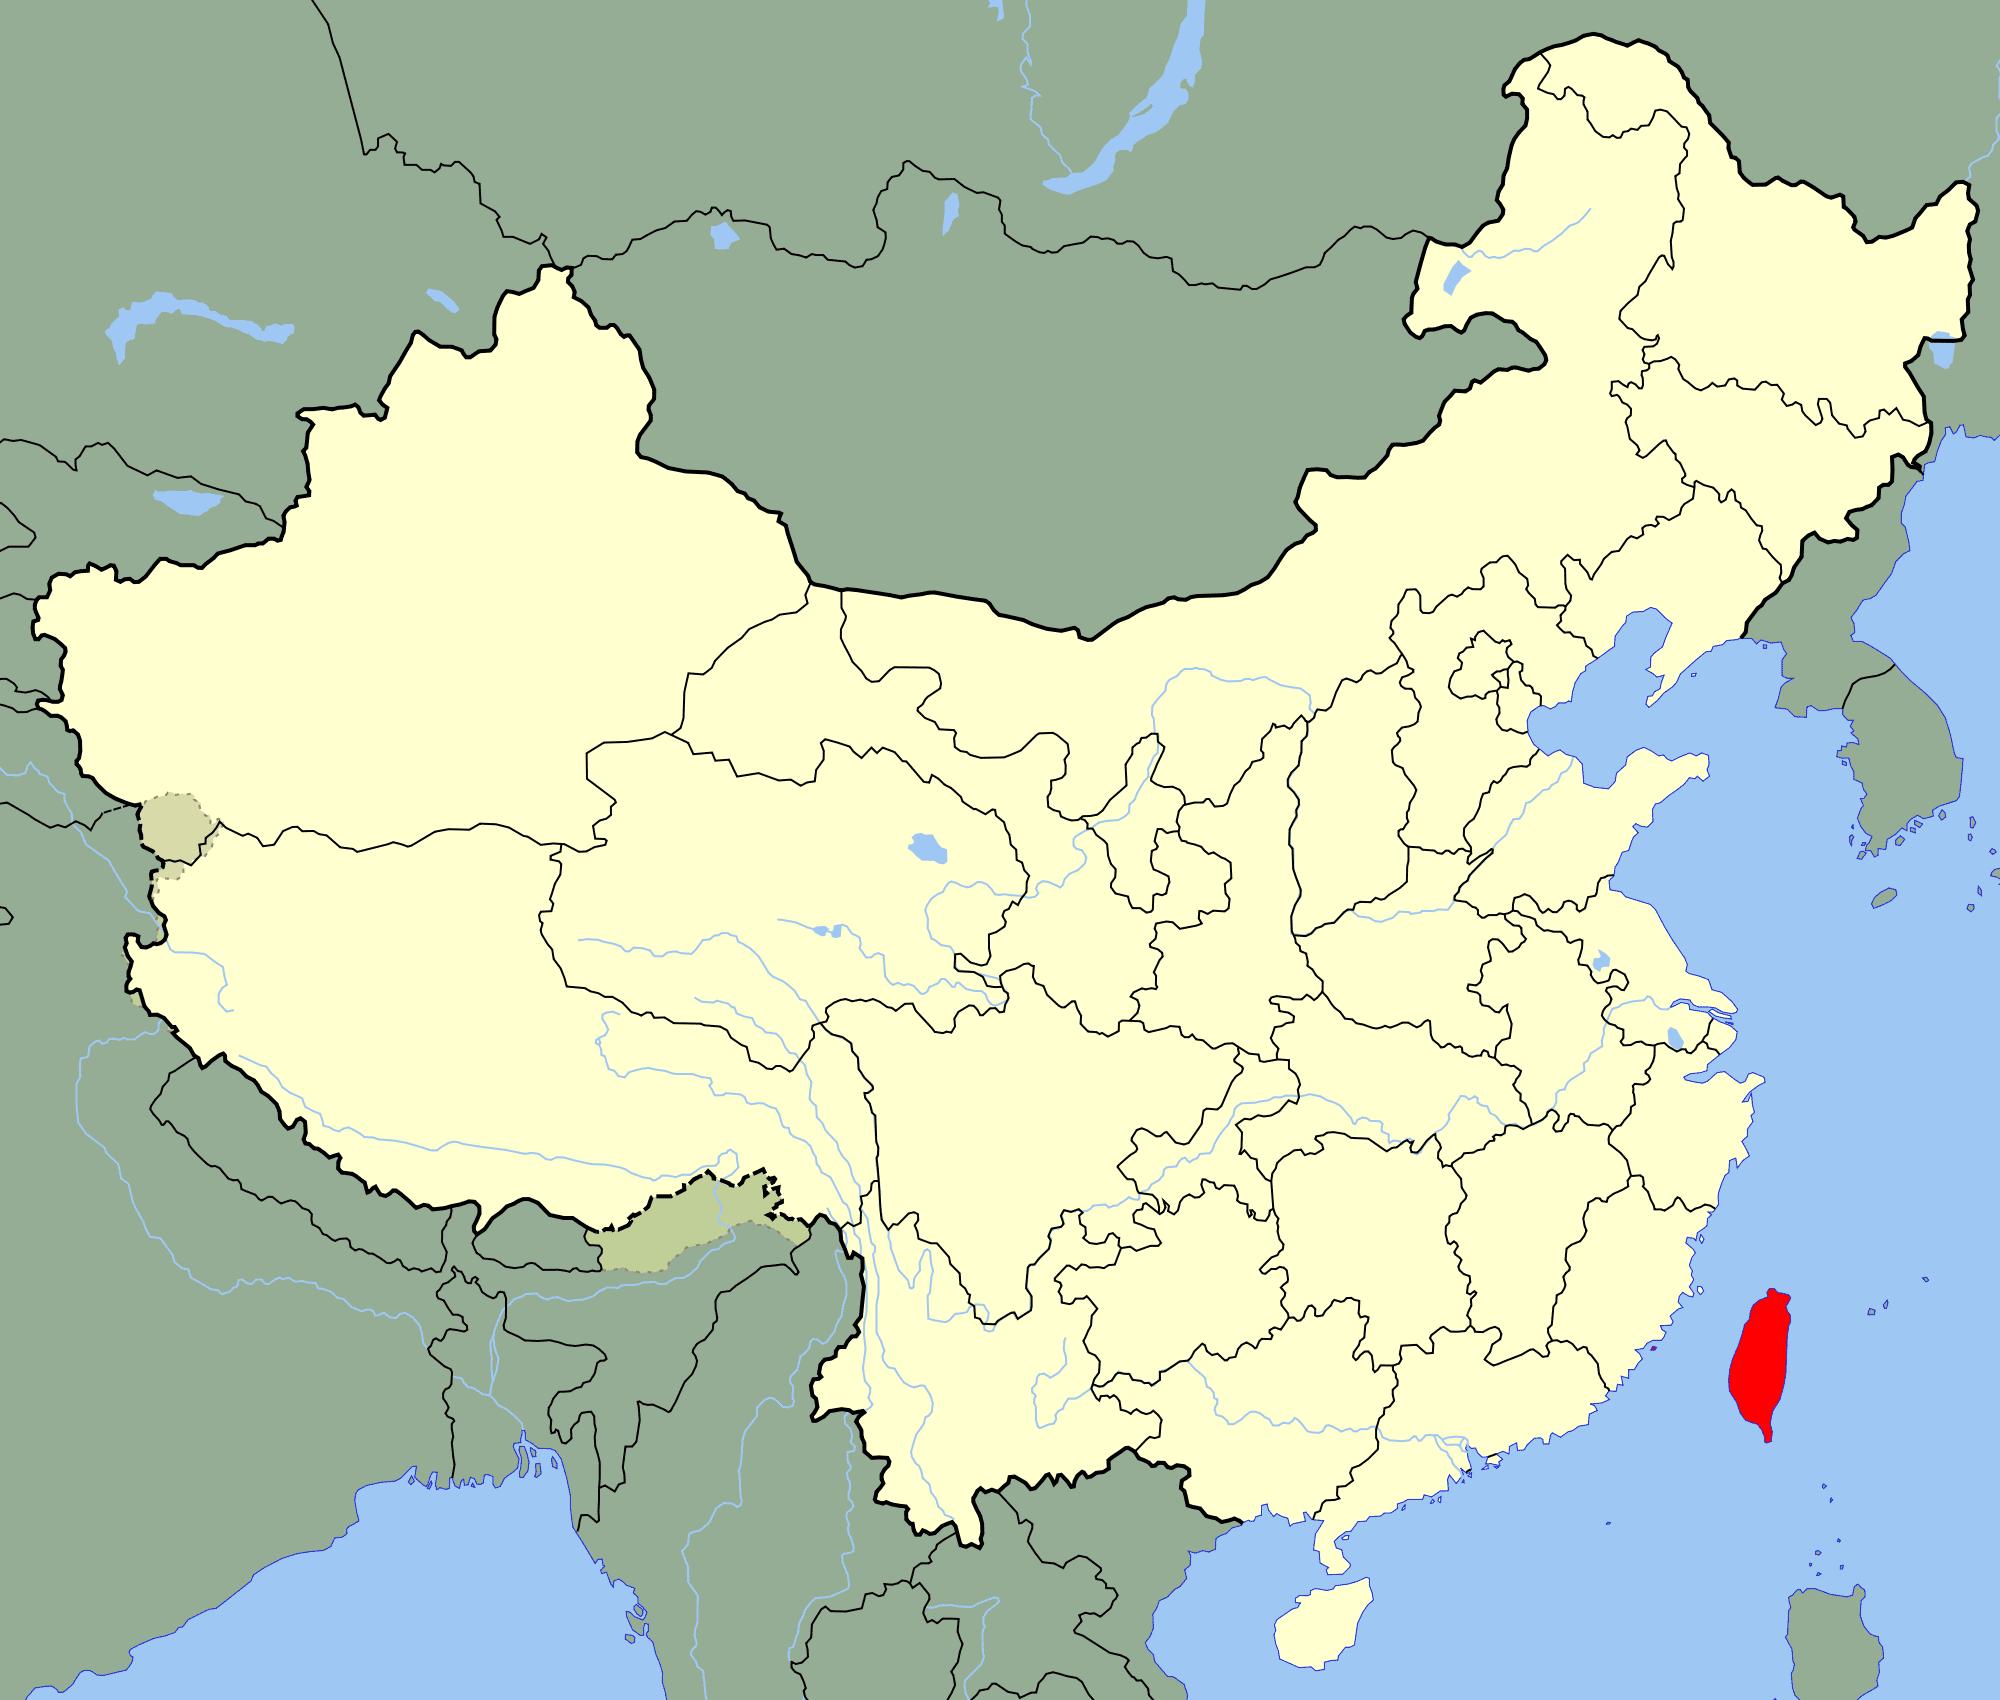 china_taiwan_location_map.png